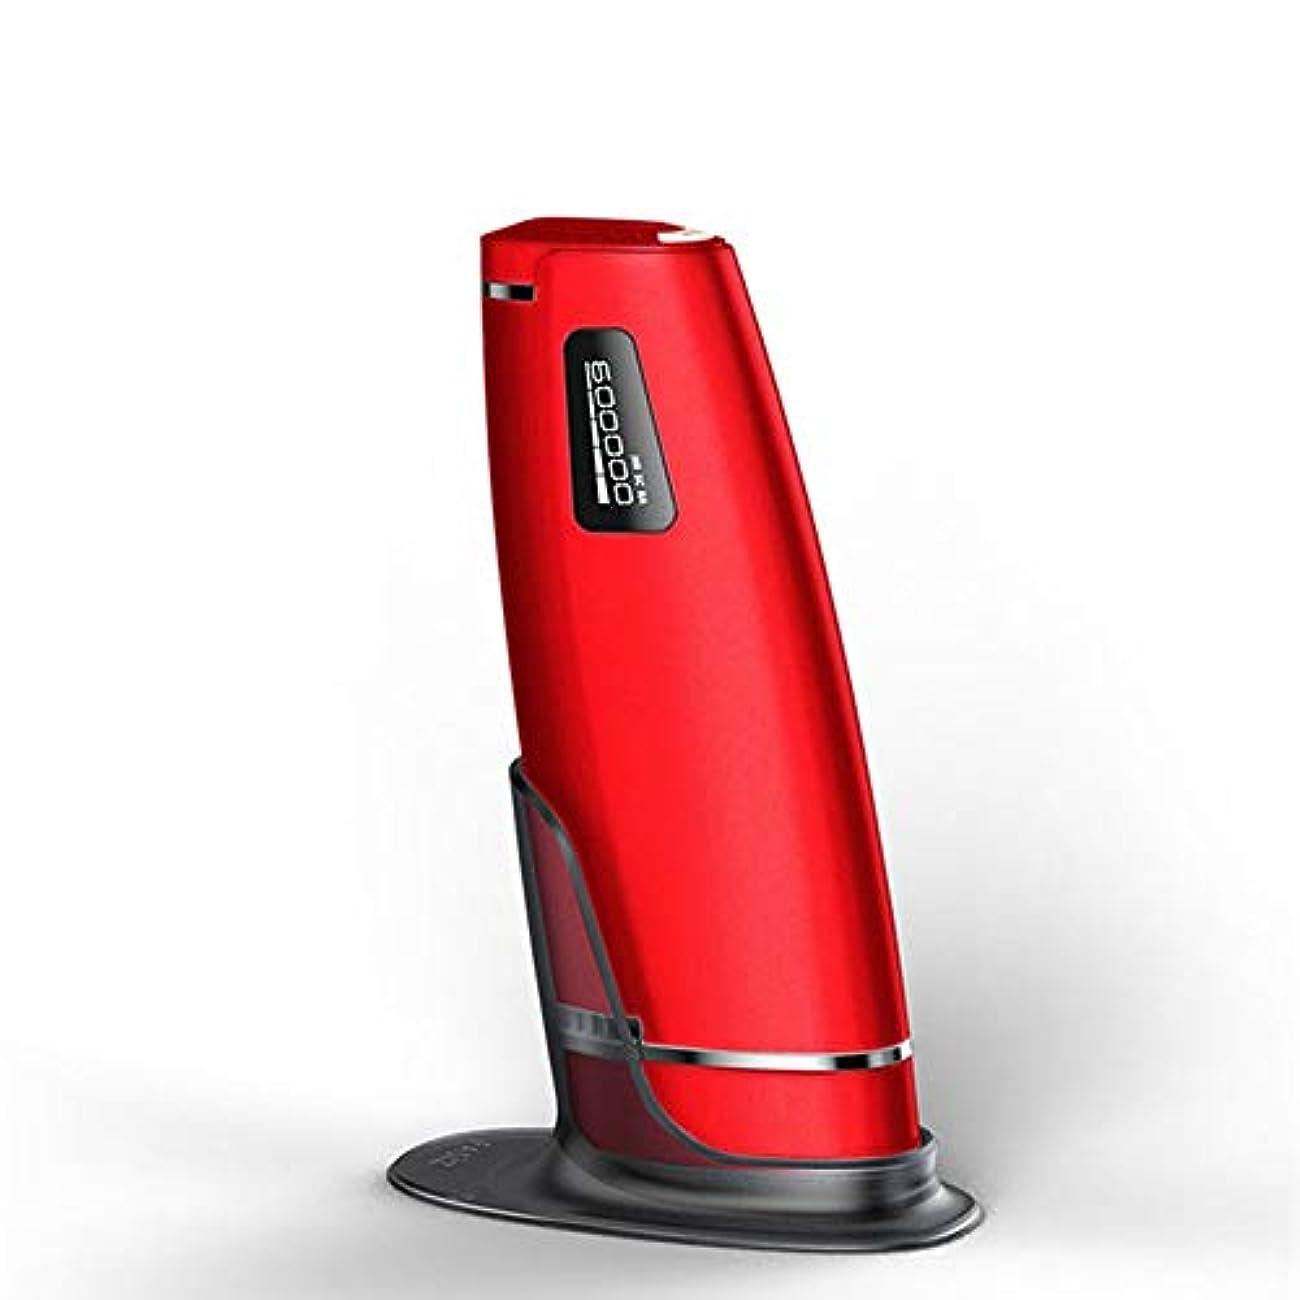 入り口テキストずるい赤、デュアルモード、ホームオートマチック無痛脱毛剤、携帯用永久脱毛剤、5スピード調整、サイズ20.5 X 4.5 X 7 Cm 安全性 (Color : Red)